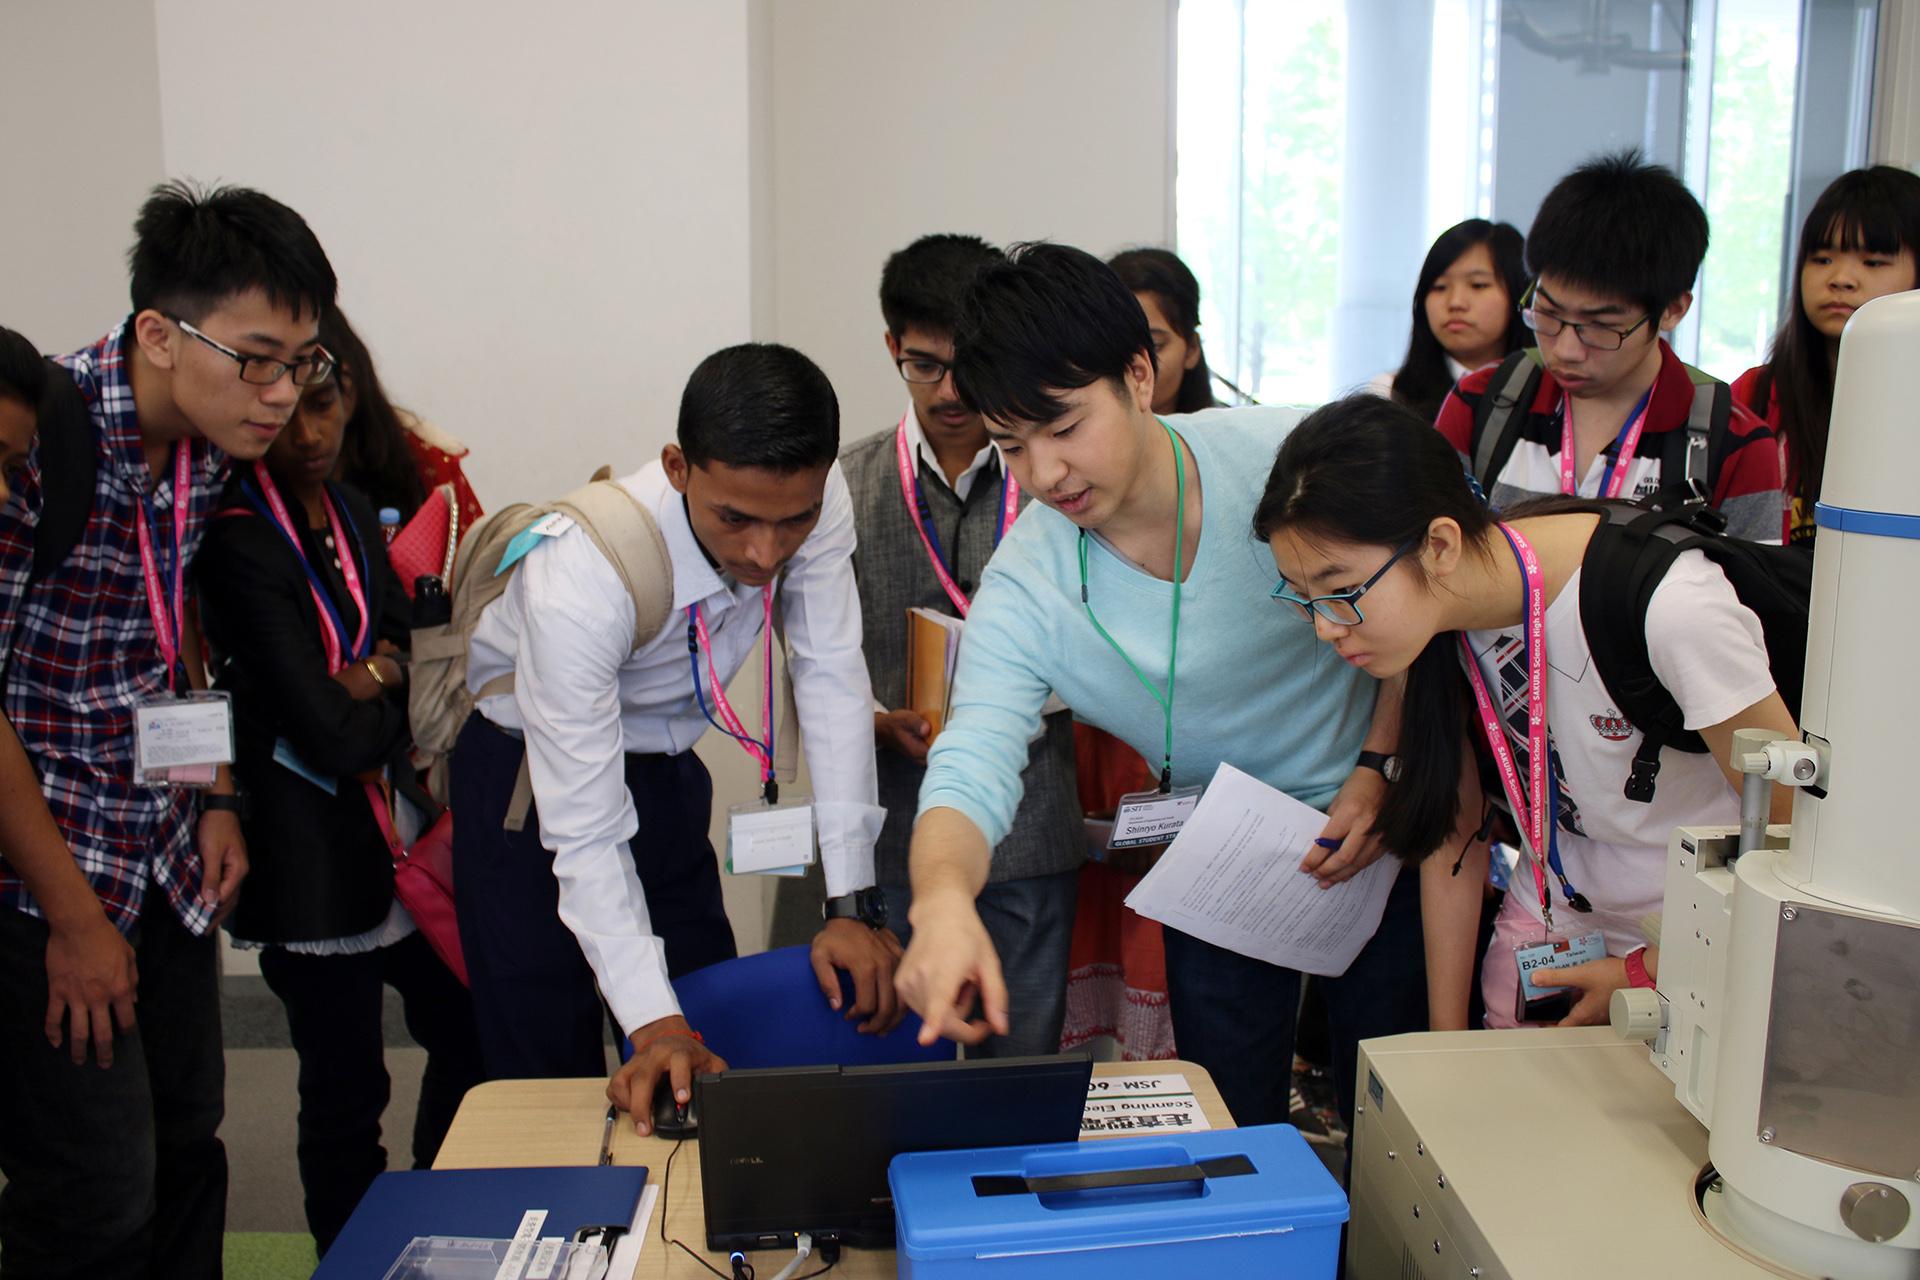 芝浦工業大学 -- 日本人と留学生がチーム結成、国際交流をサポートする学生スタッフ制度を新設